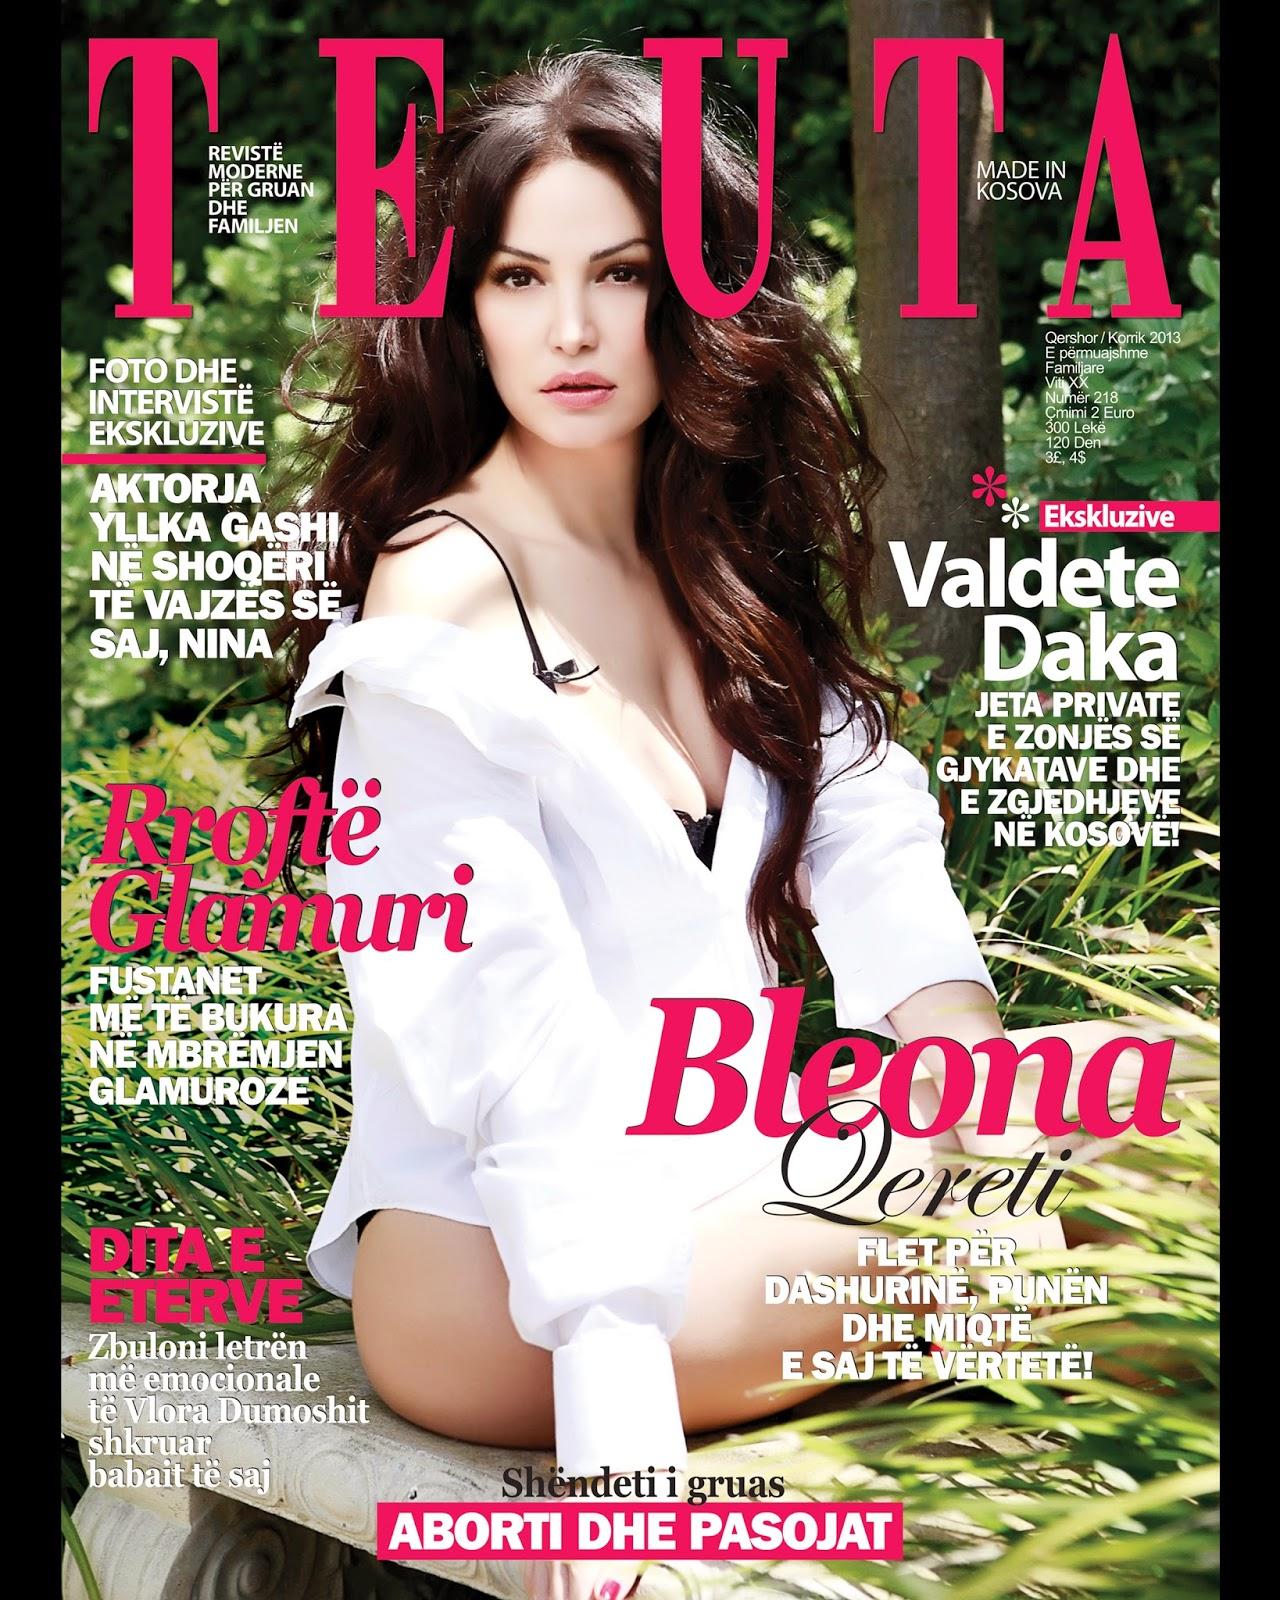 Bleona